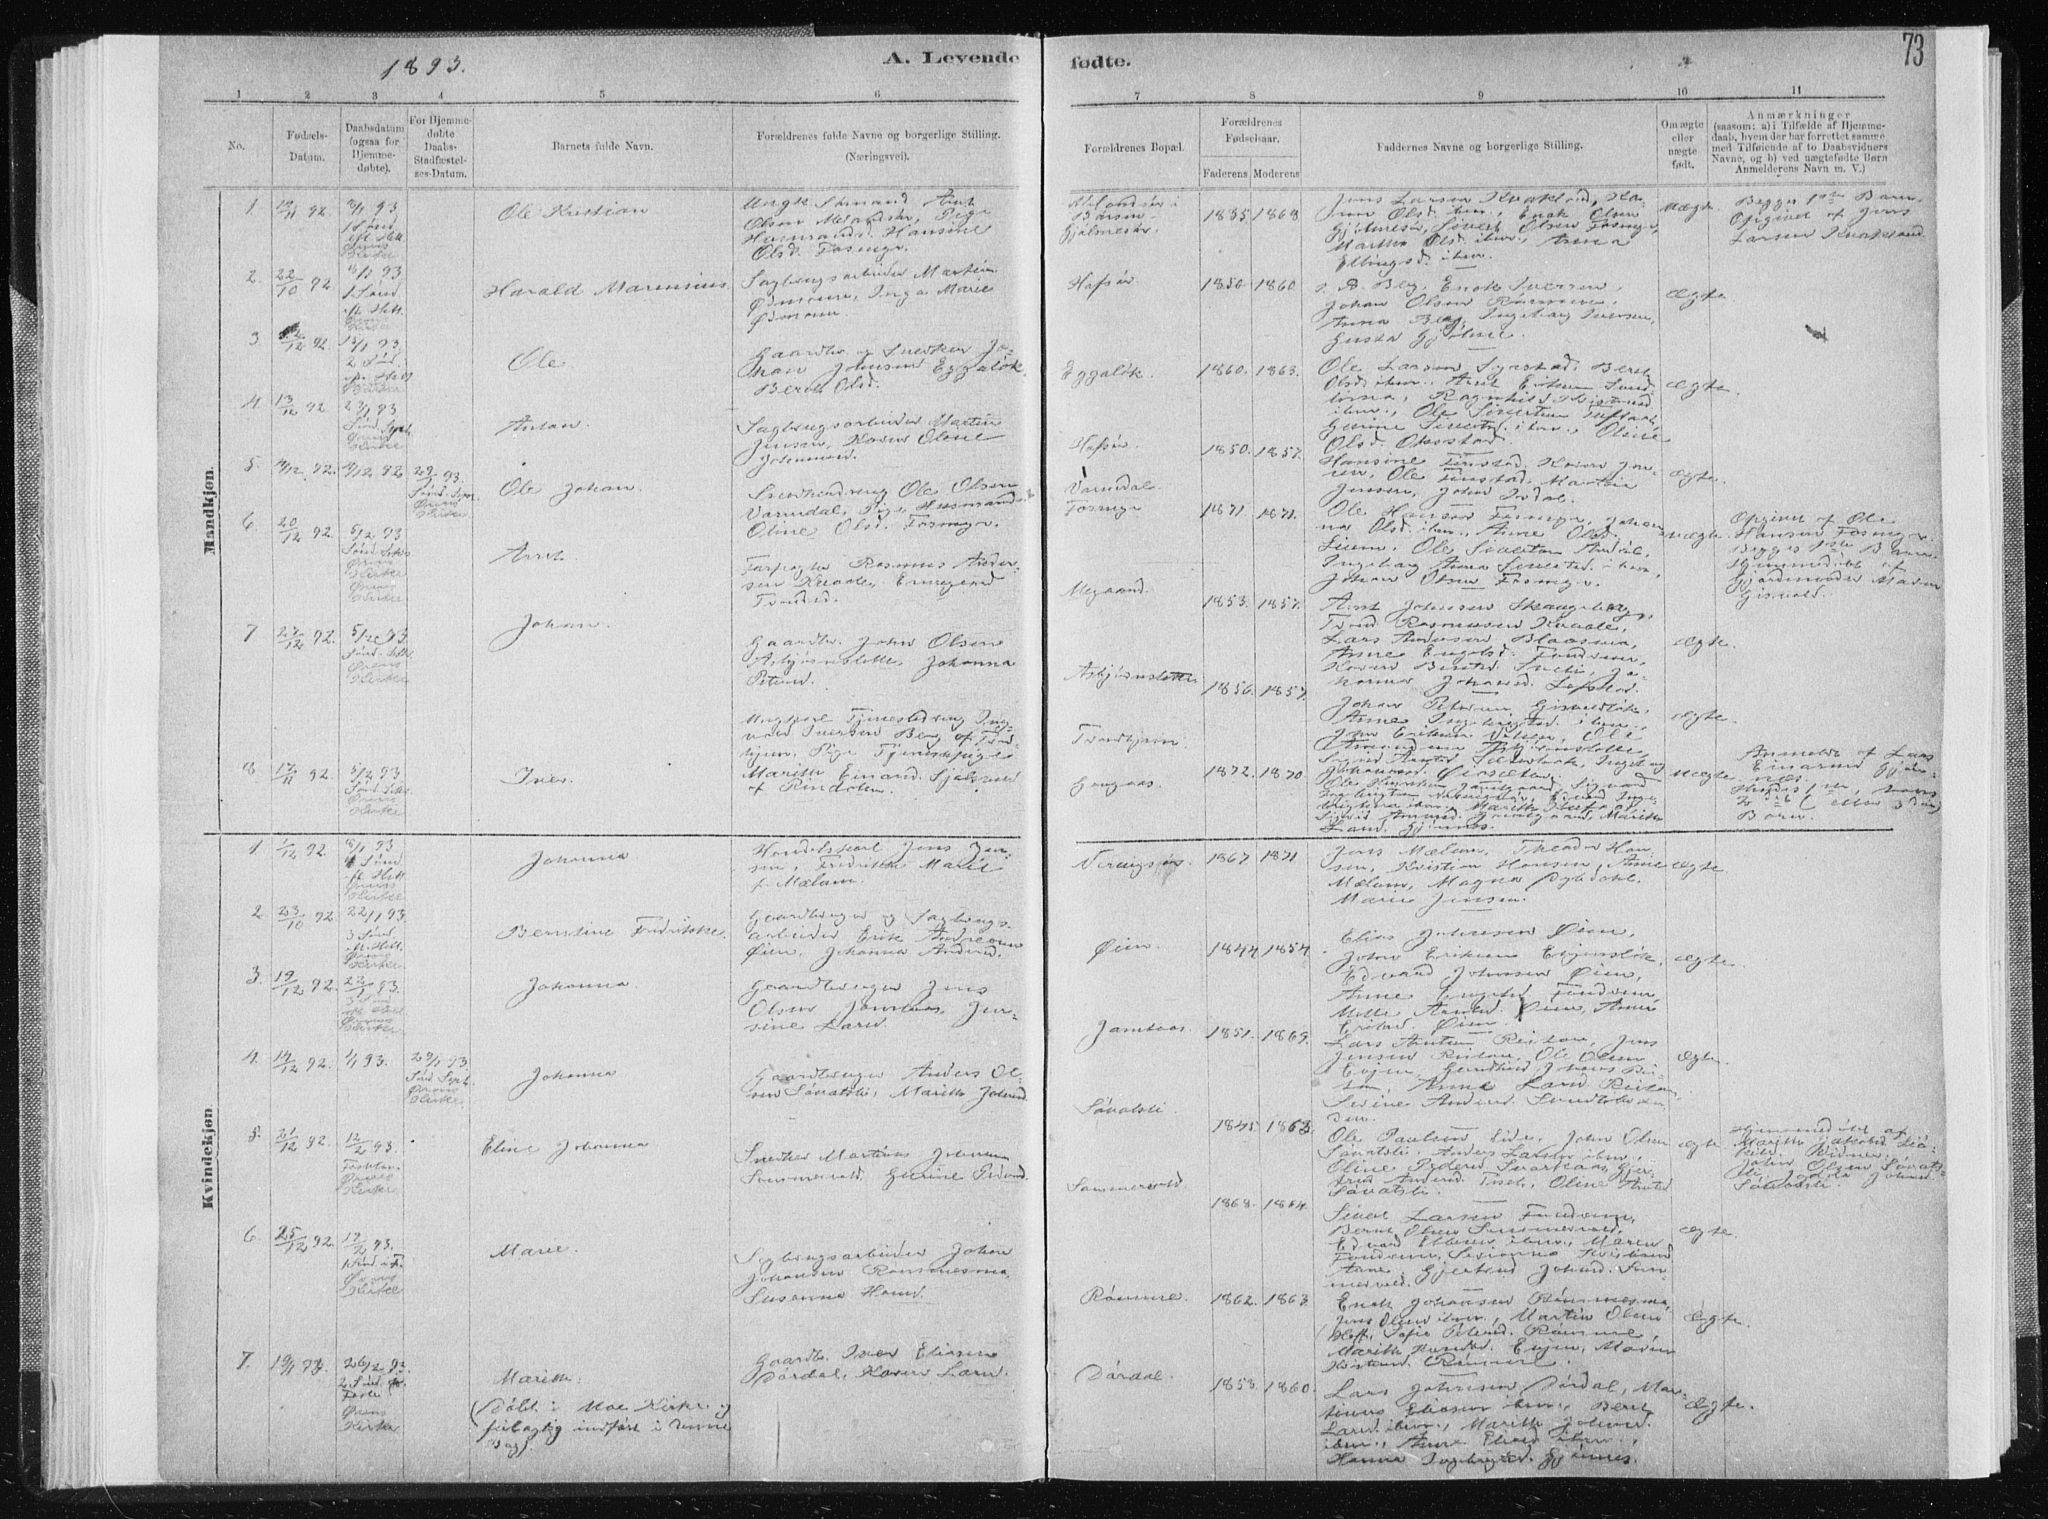 SAT, Ministerialprotokoller, klokkerbøker og fødselsregistre - Sør-Trøndelag, 668/L0818: Klokkerbok nr. 668C07, 1885-1898, s. 73